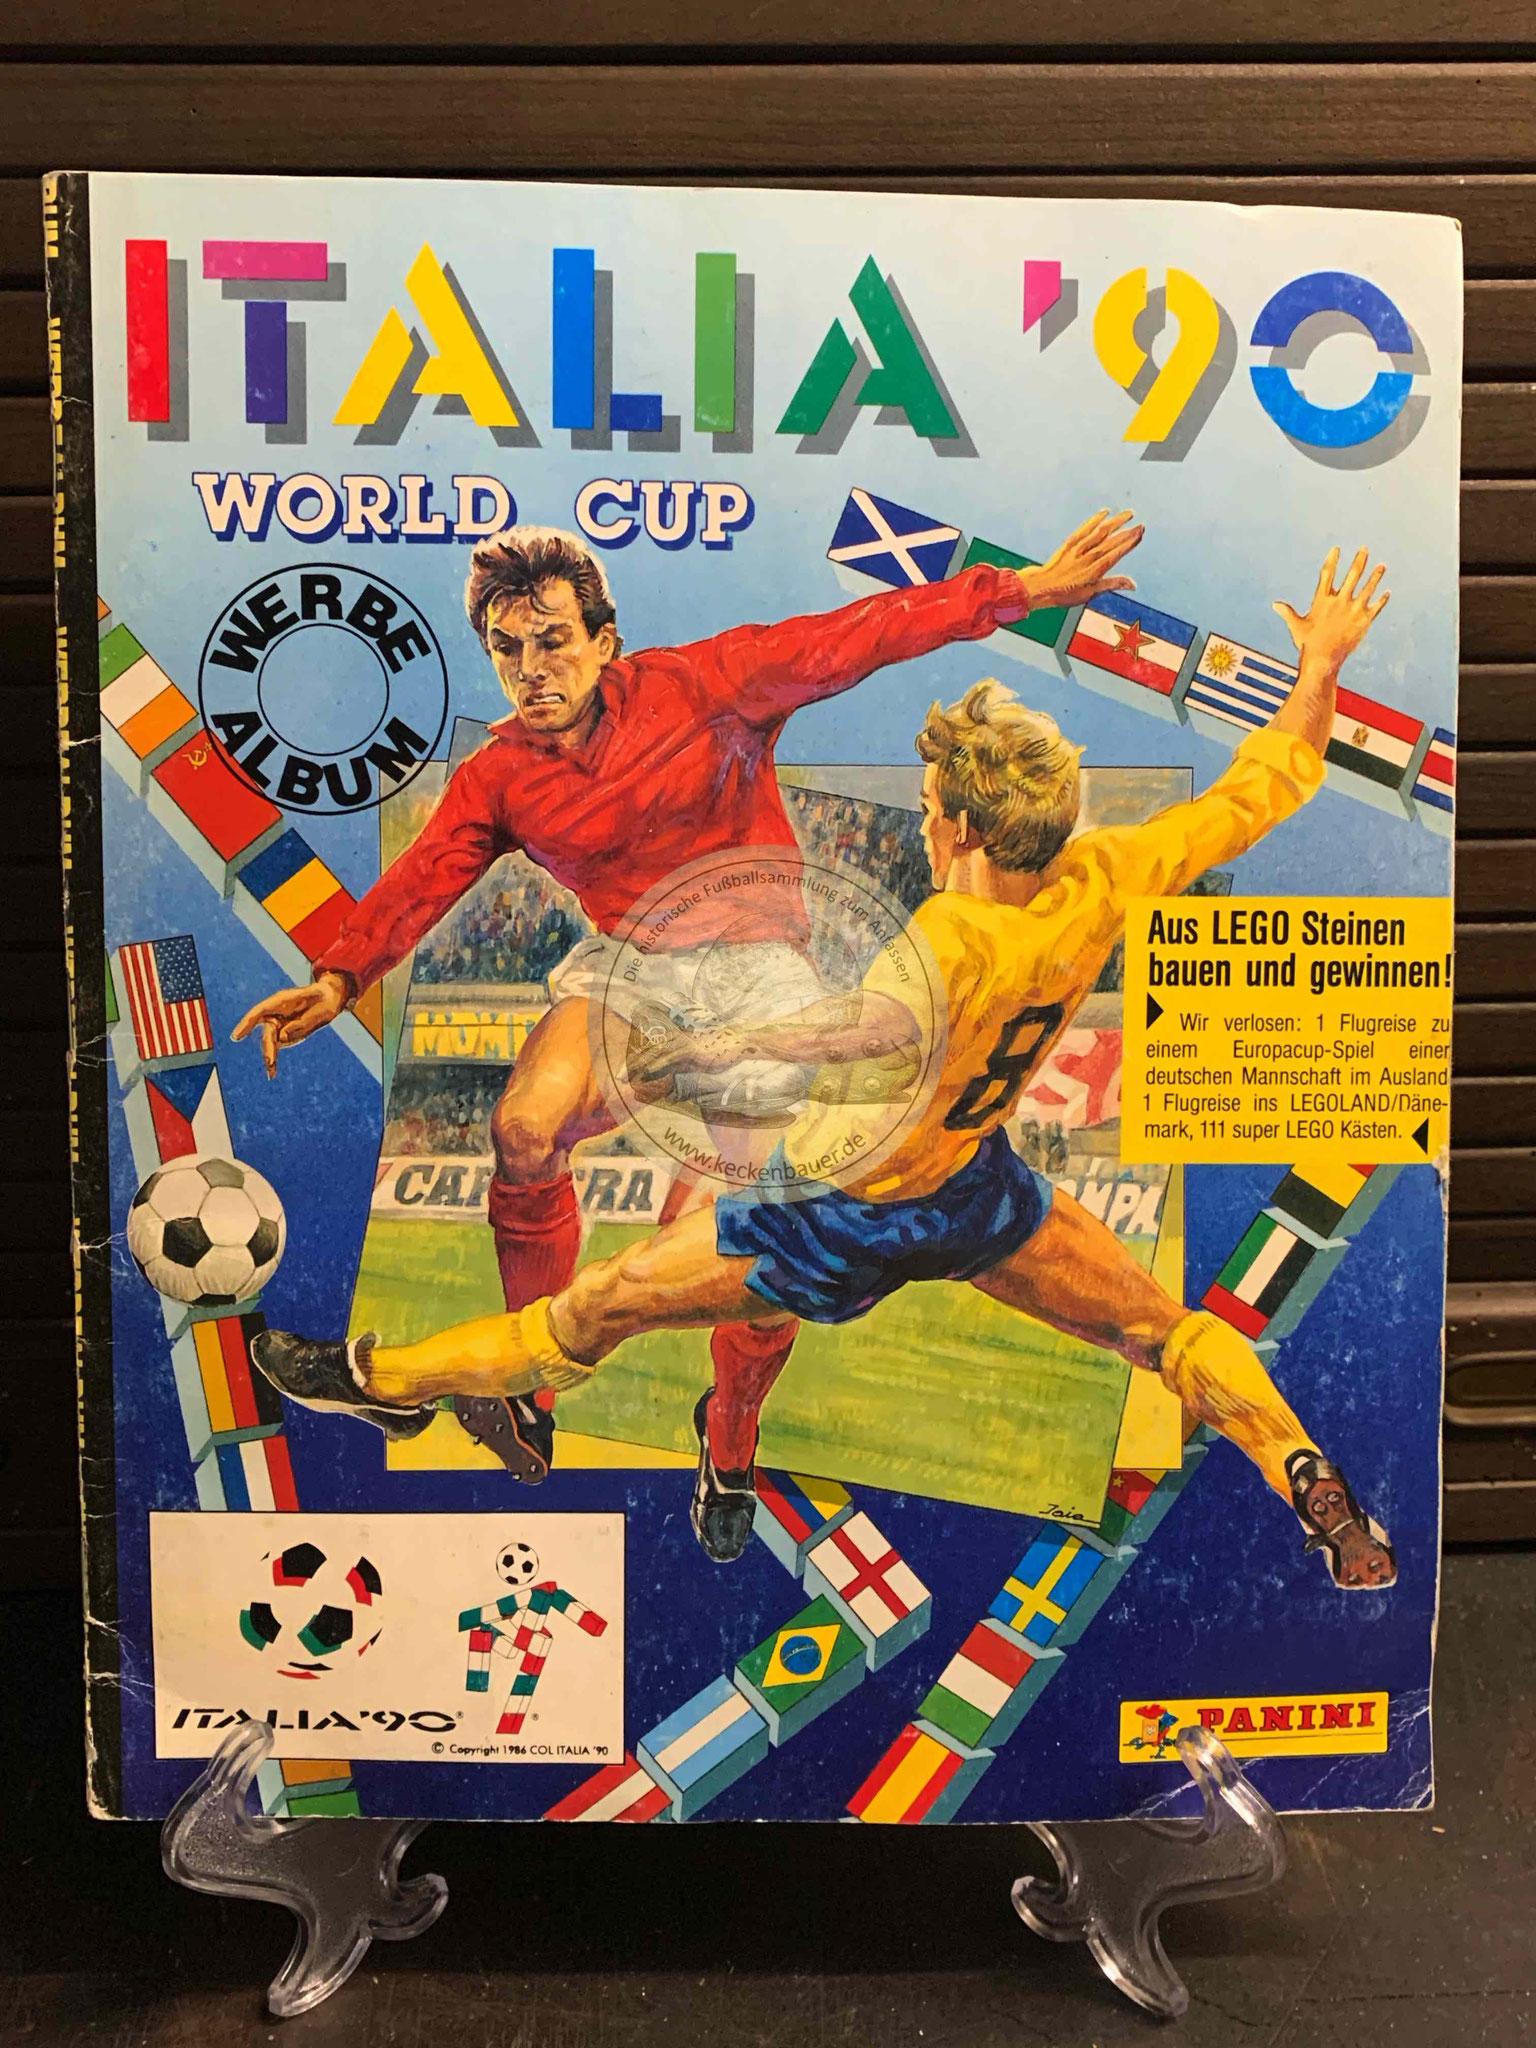 Panini Album von der WM 1990 in Italien